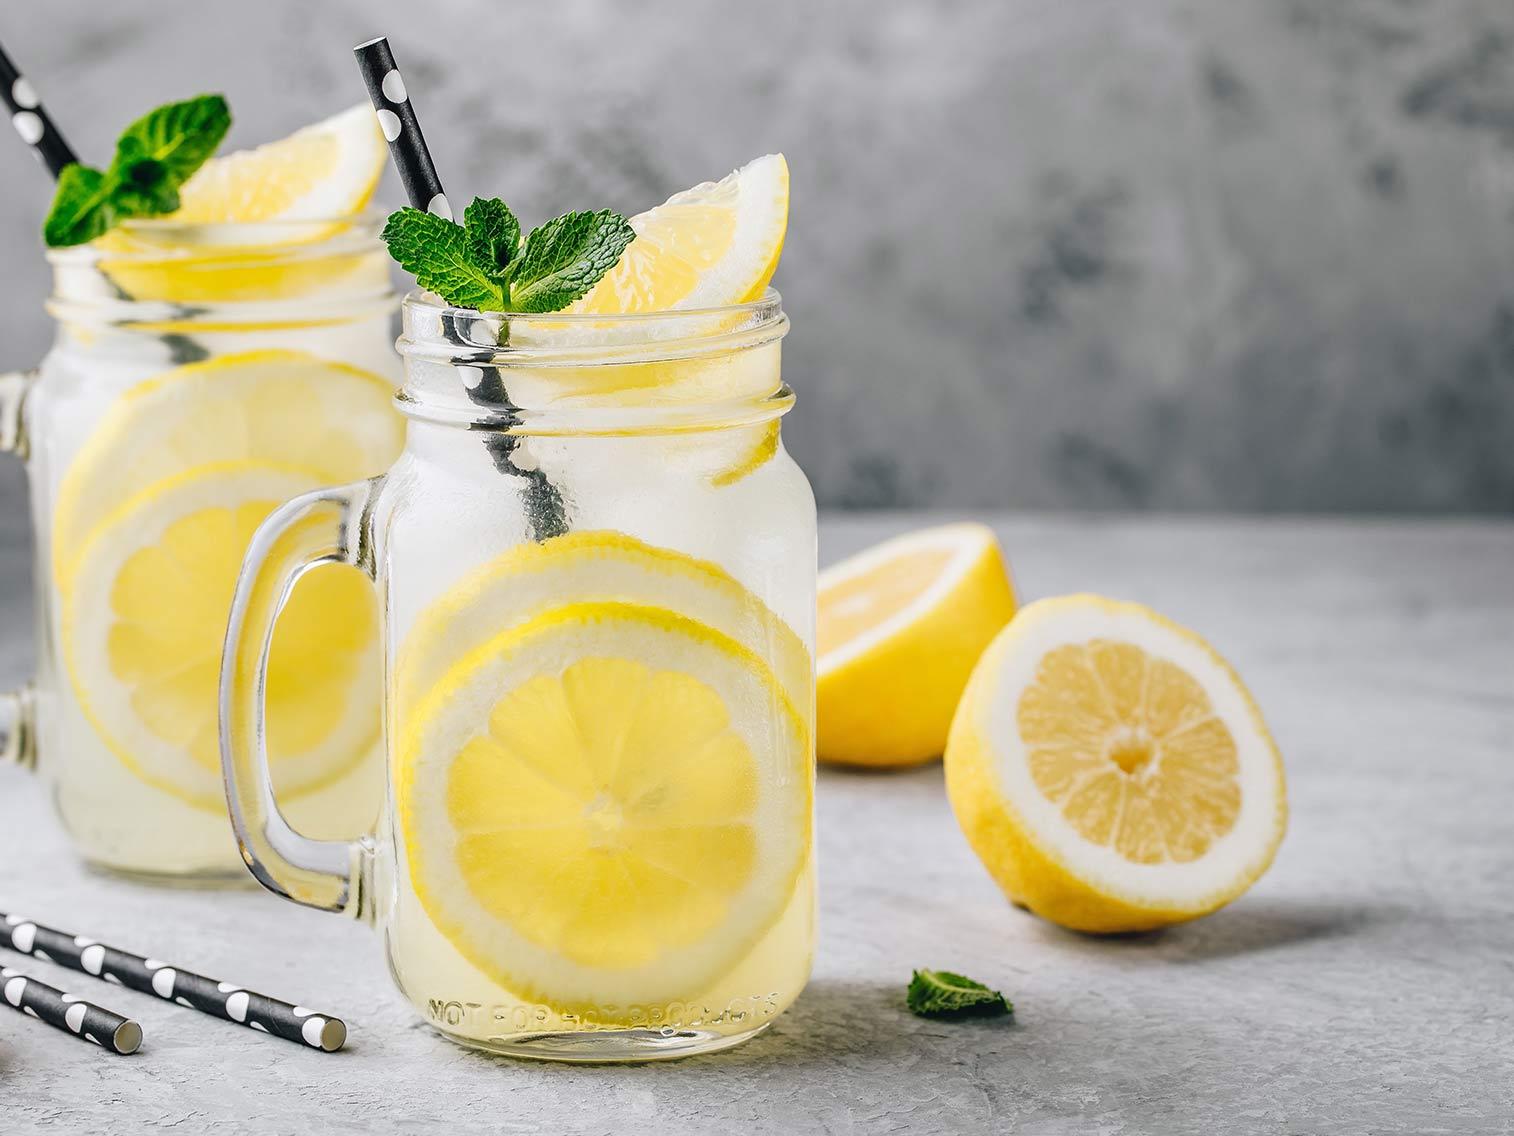 Recette Jus de citron détox   Potager City